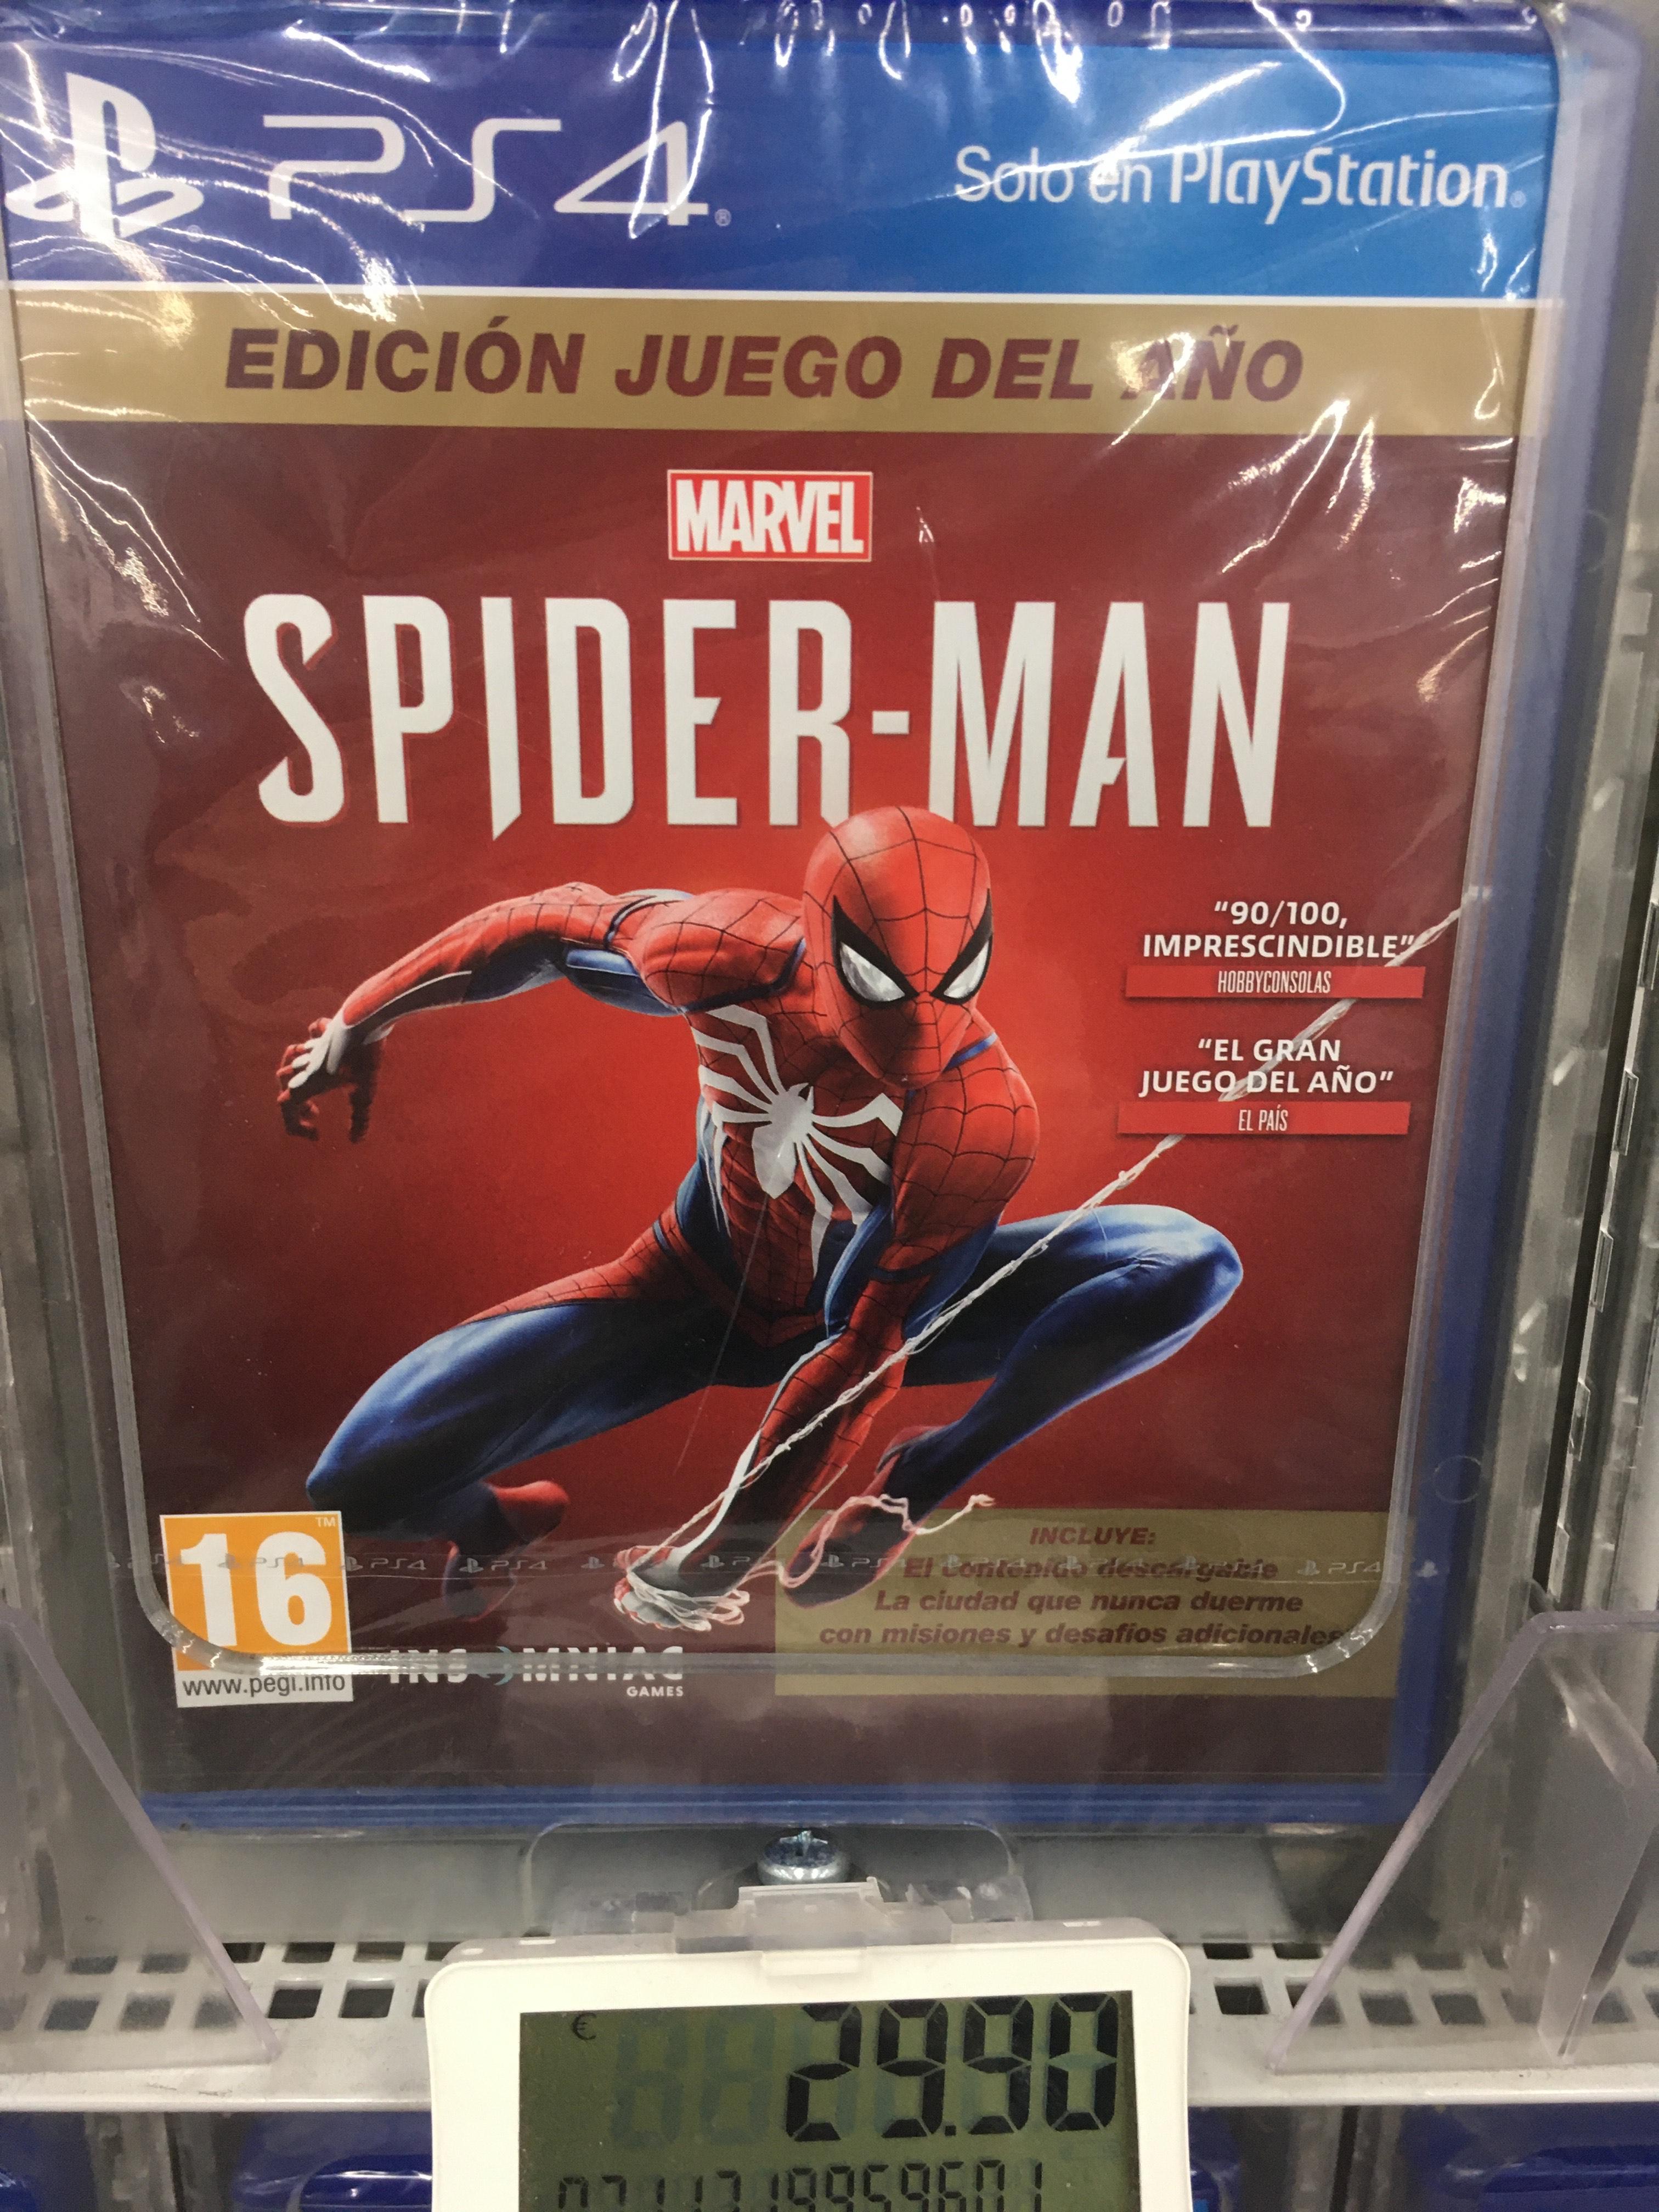 Spiderman Goty ps4. MediaMarkt Tienda física